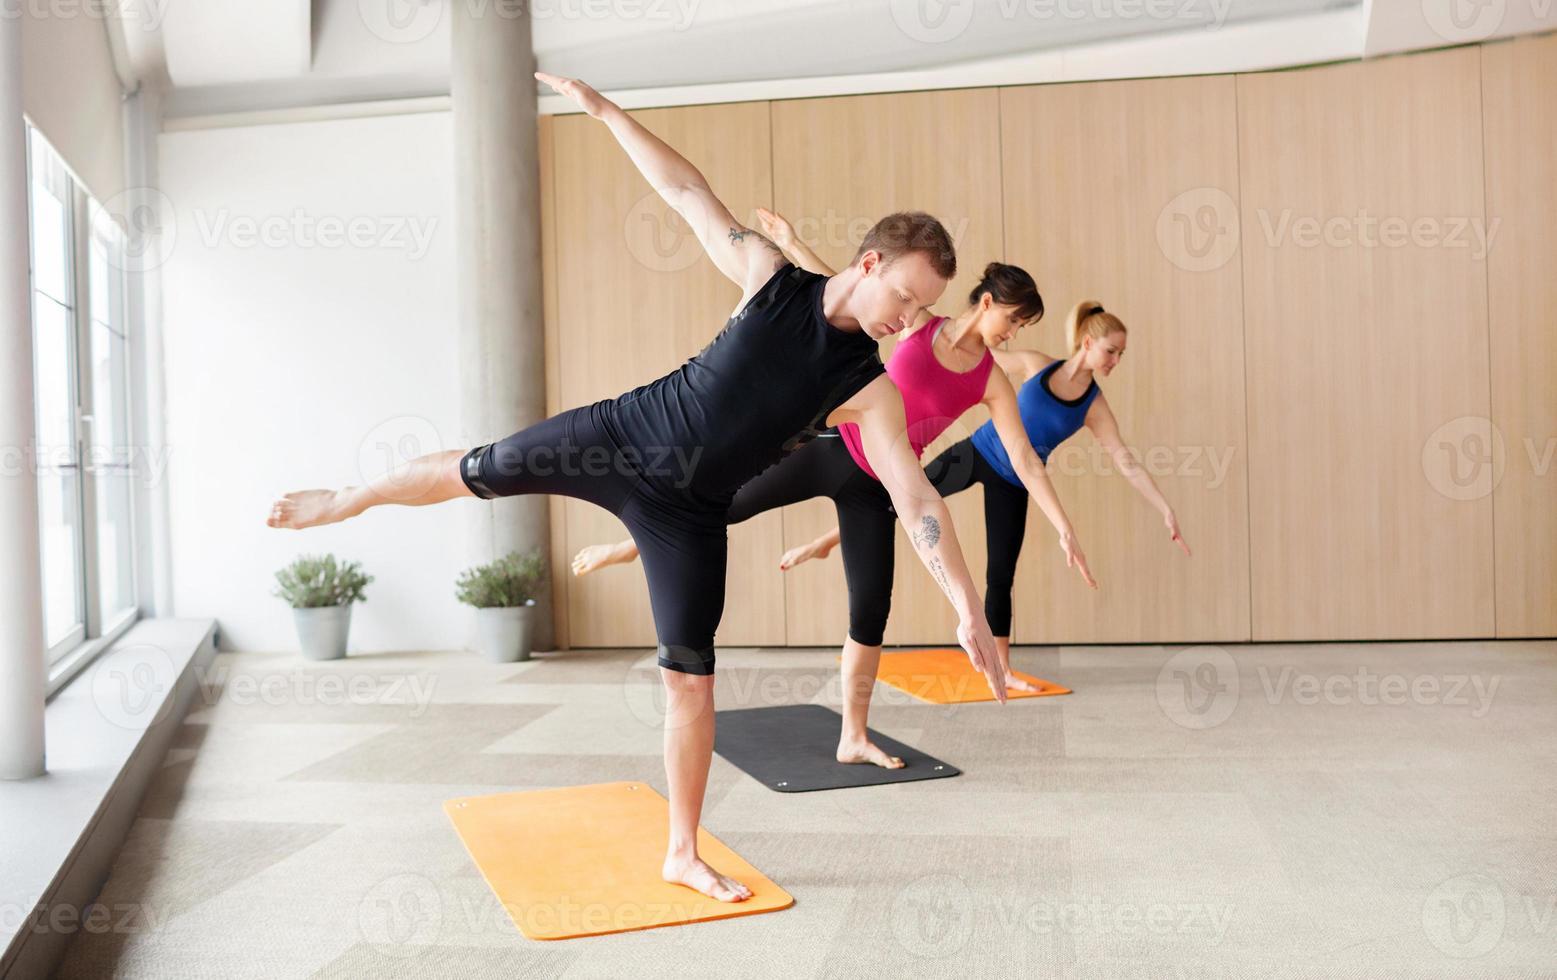 clase de yoga foto